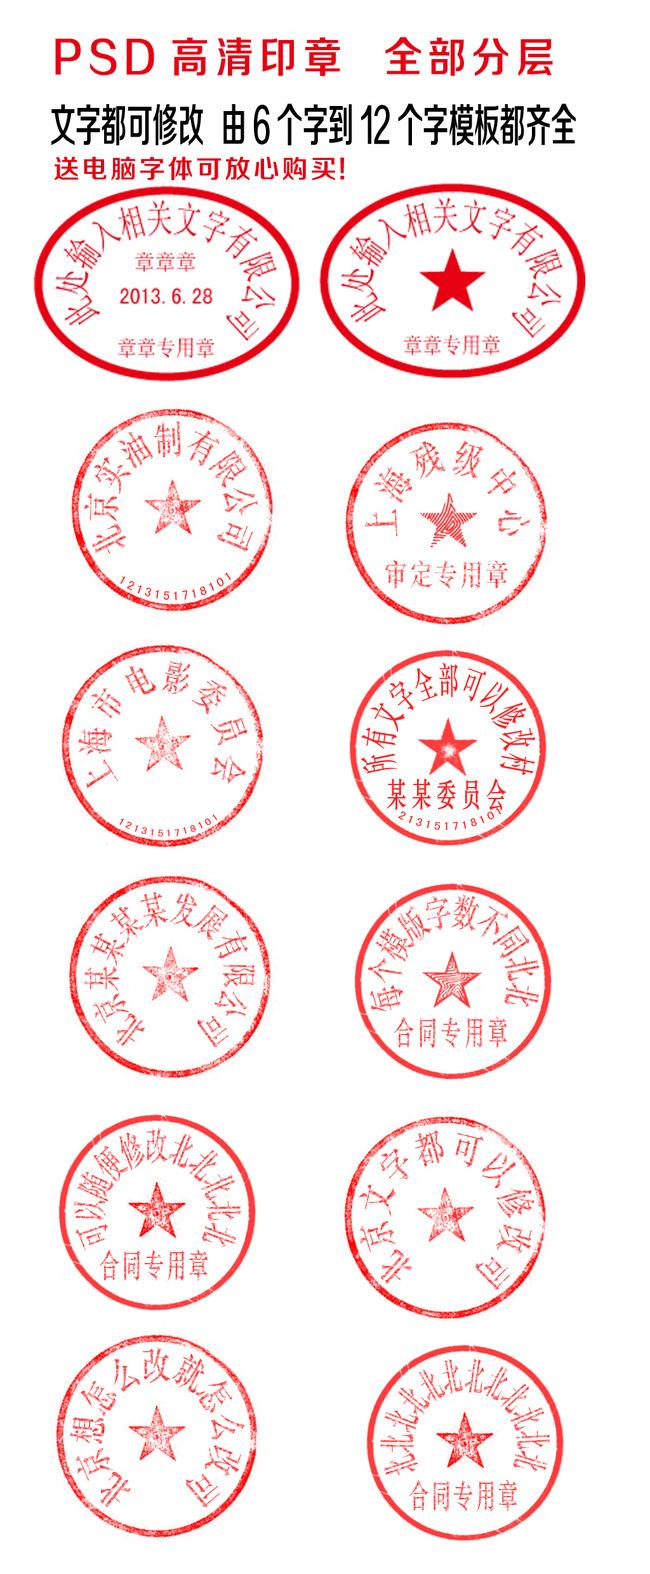 【】印章模板设计图片下载